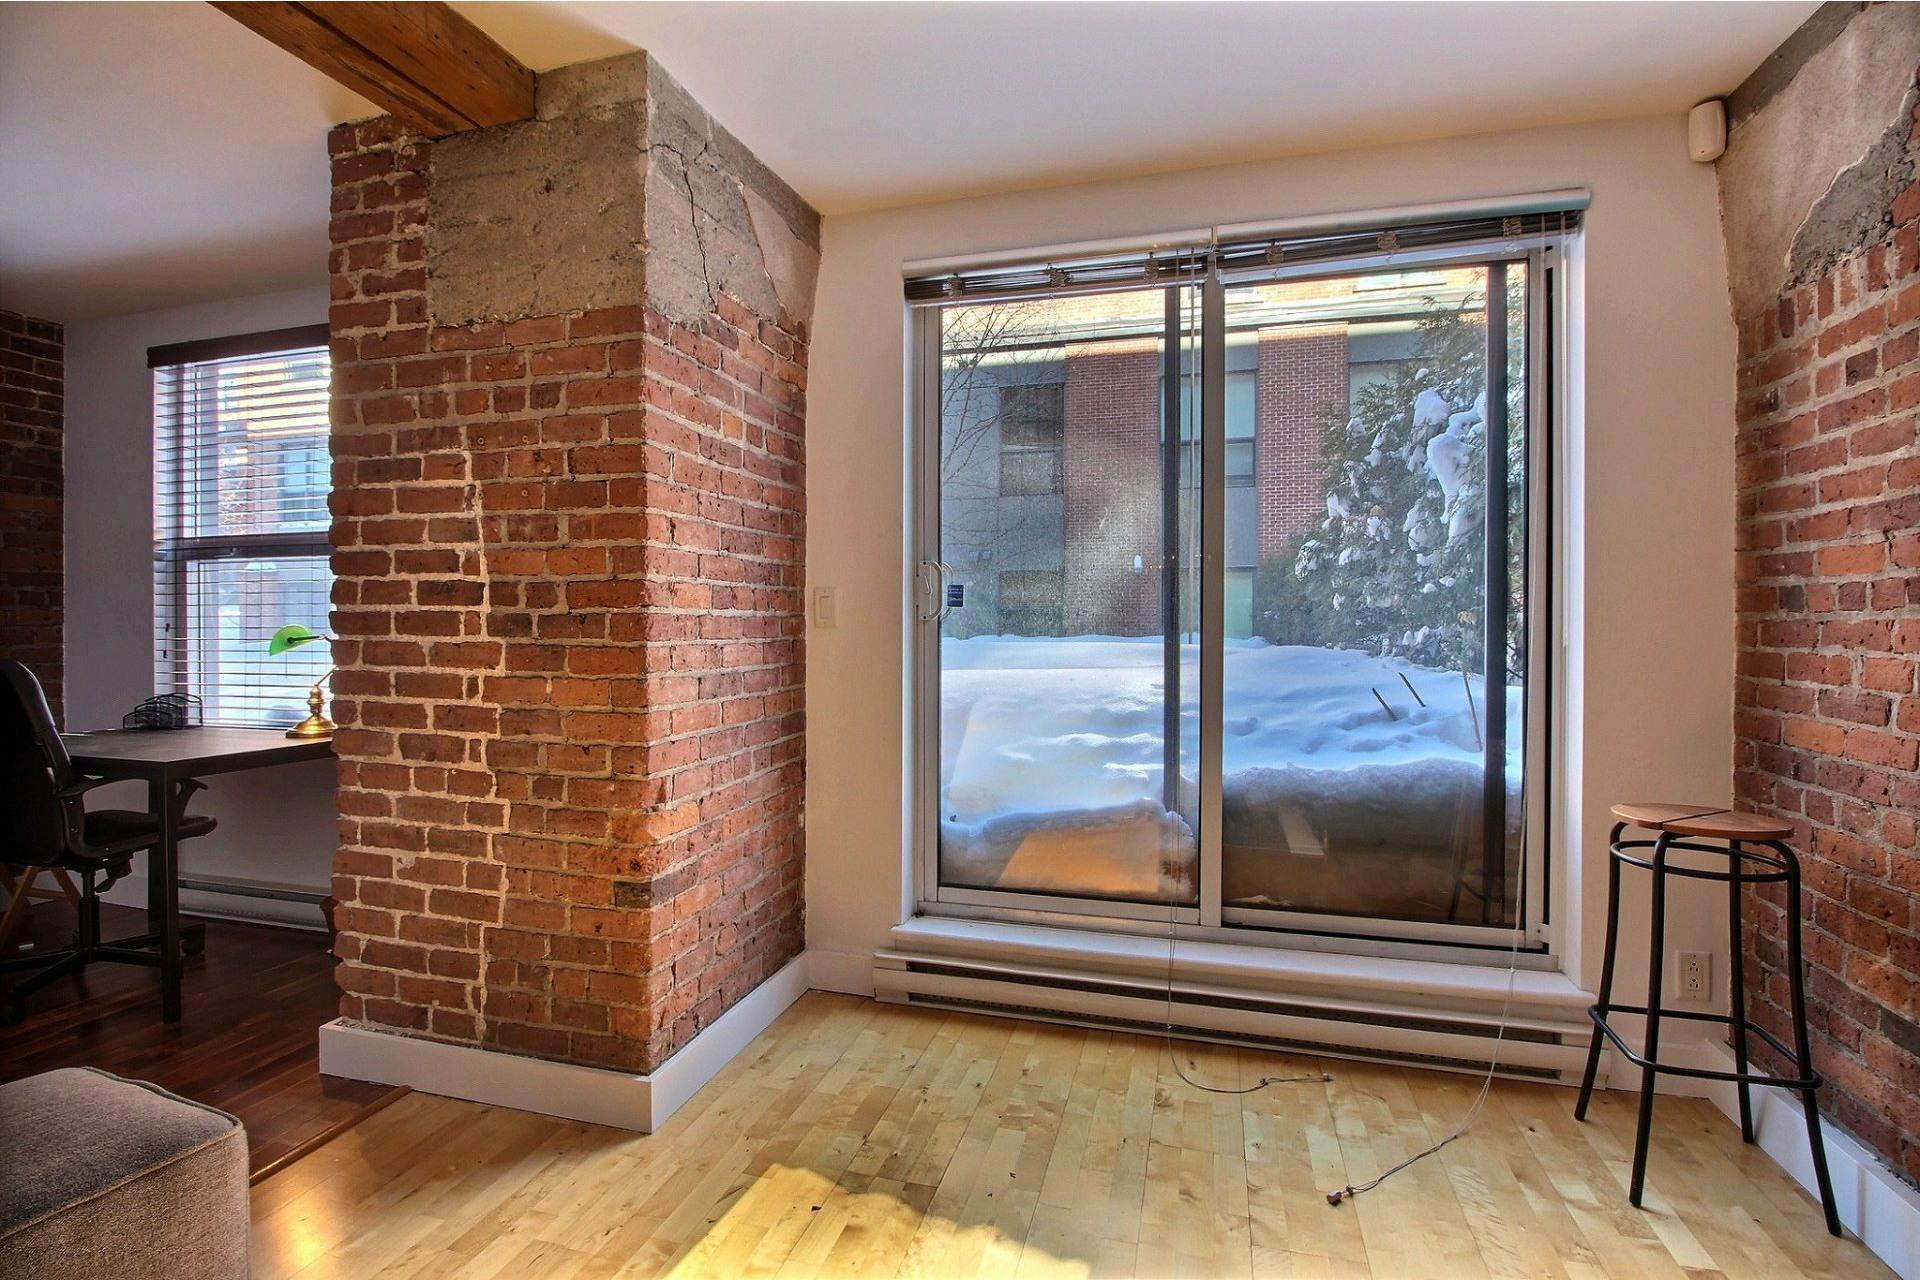 image 10 - Apartment For rent Mercier/Hochelaga-Maisonneuve Montréal  - 5 rooms